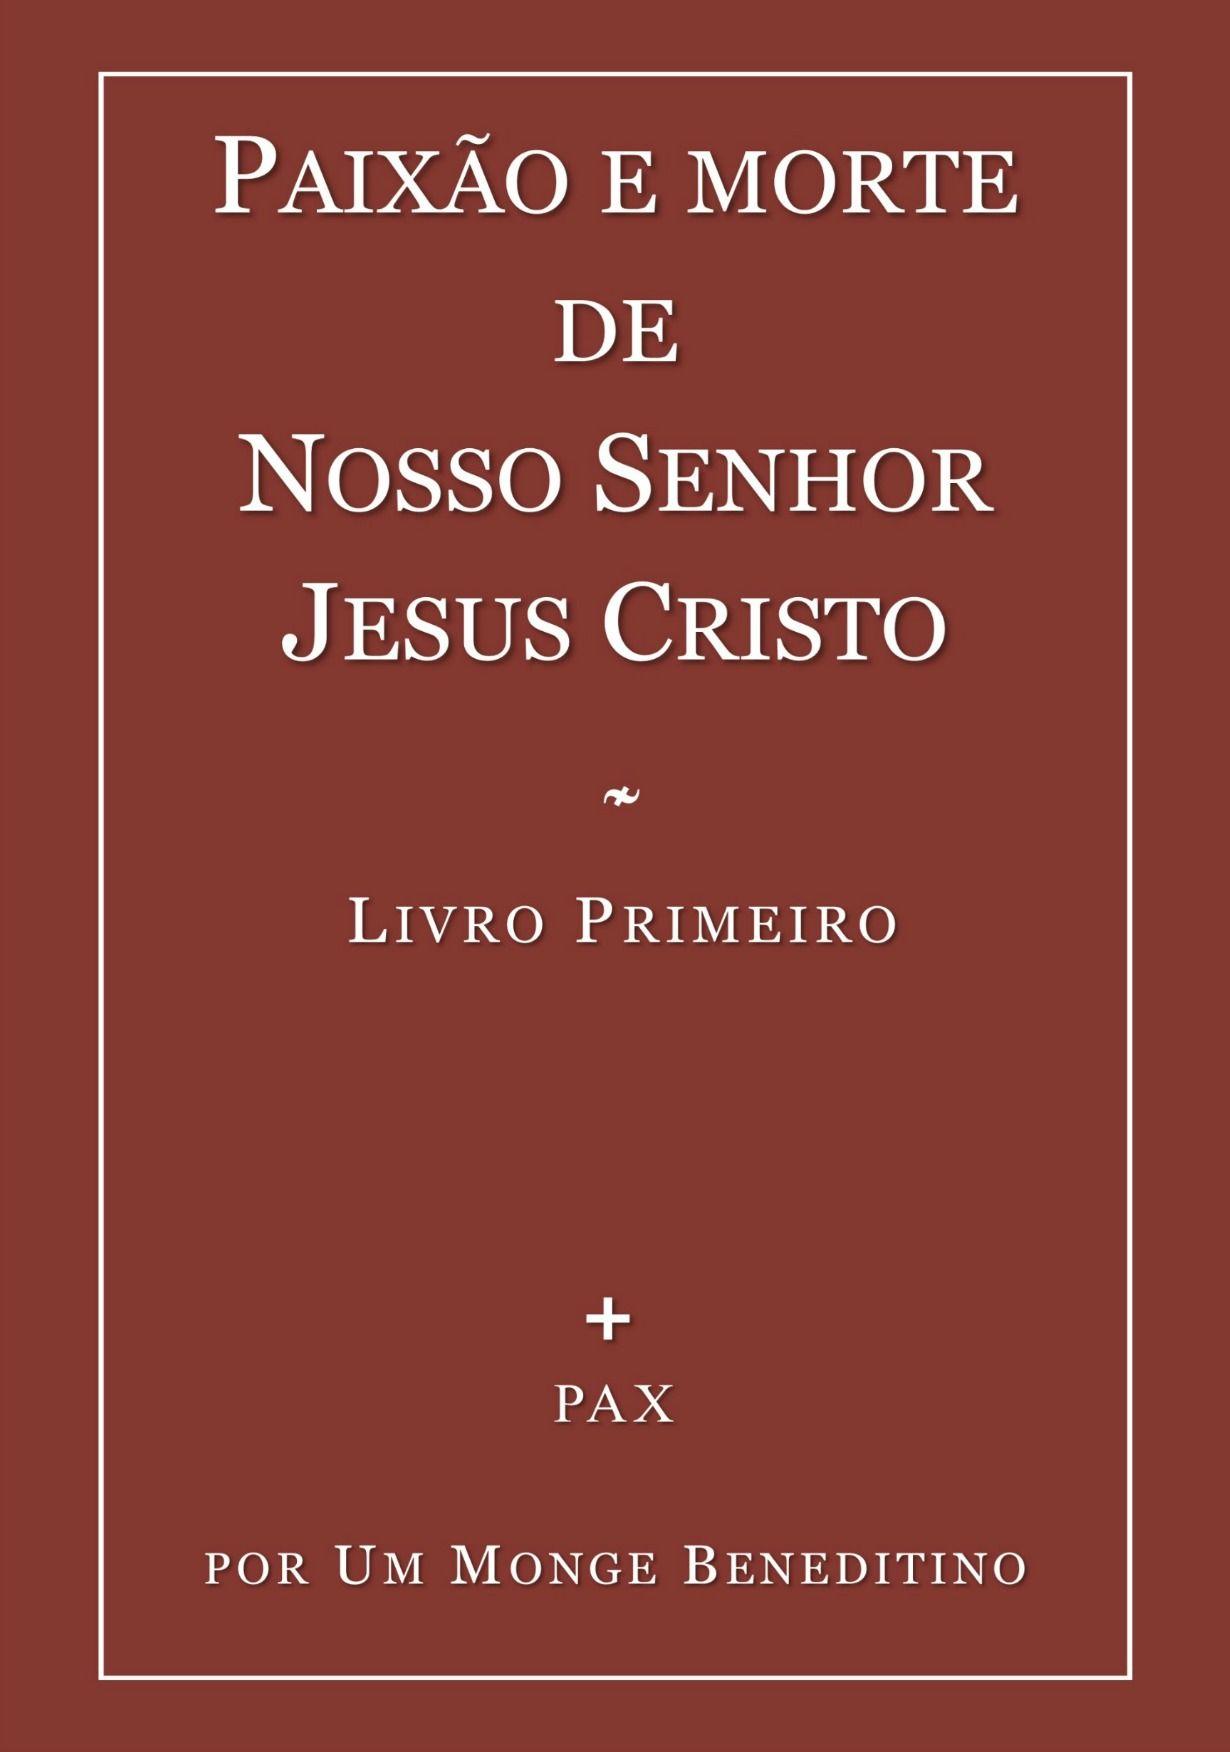 Paixão e Morte de Nosso Senhor Jesus Cristo - Livro I  - Livraria Santa Cruz